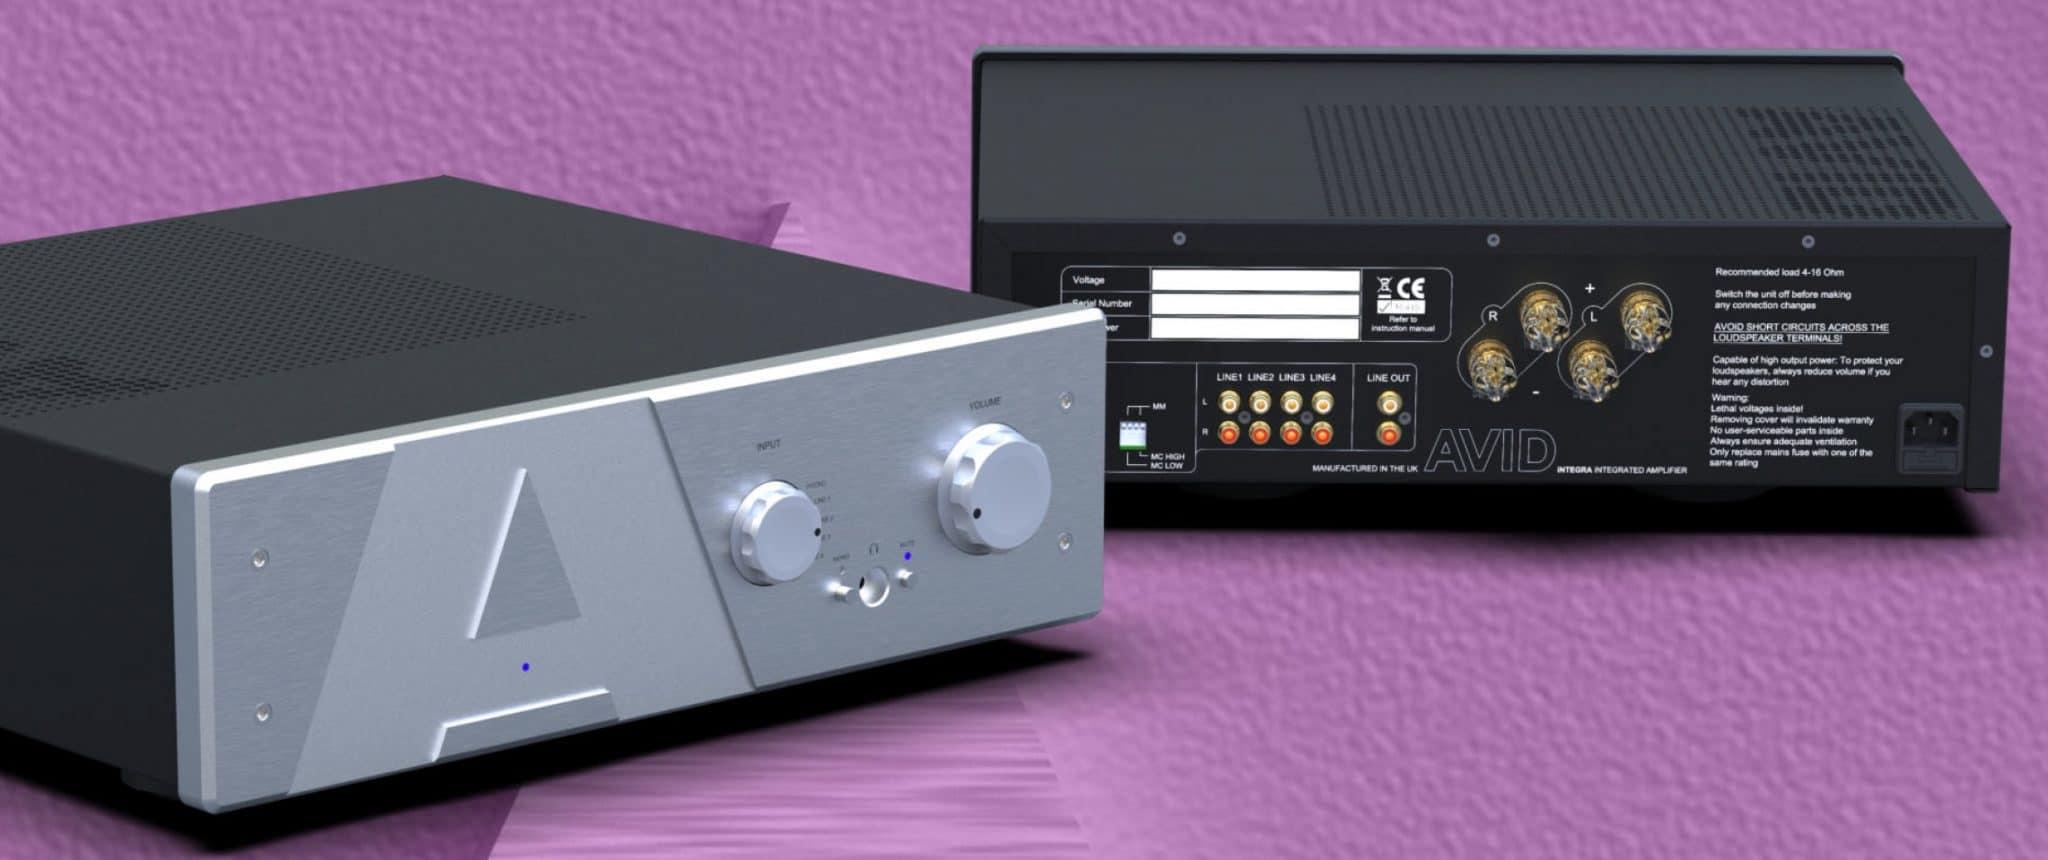 INTEGRA Amplifier From AVID